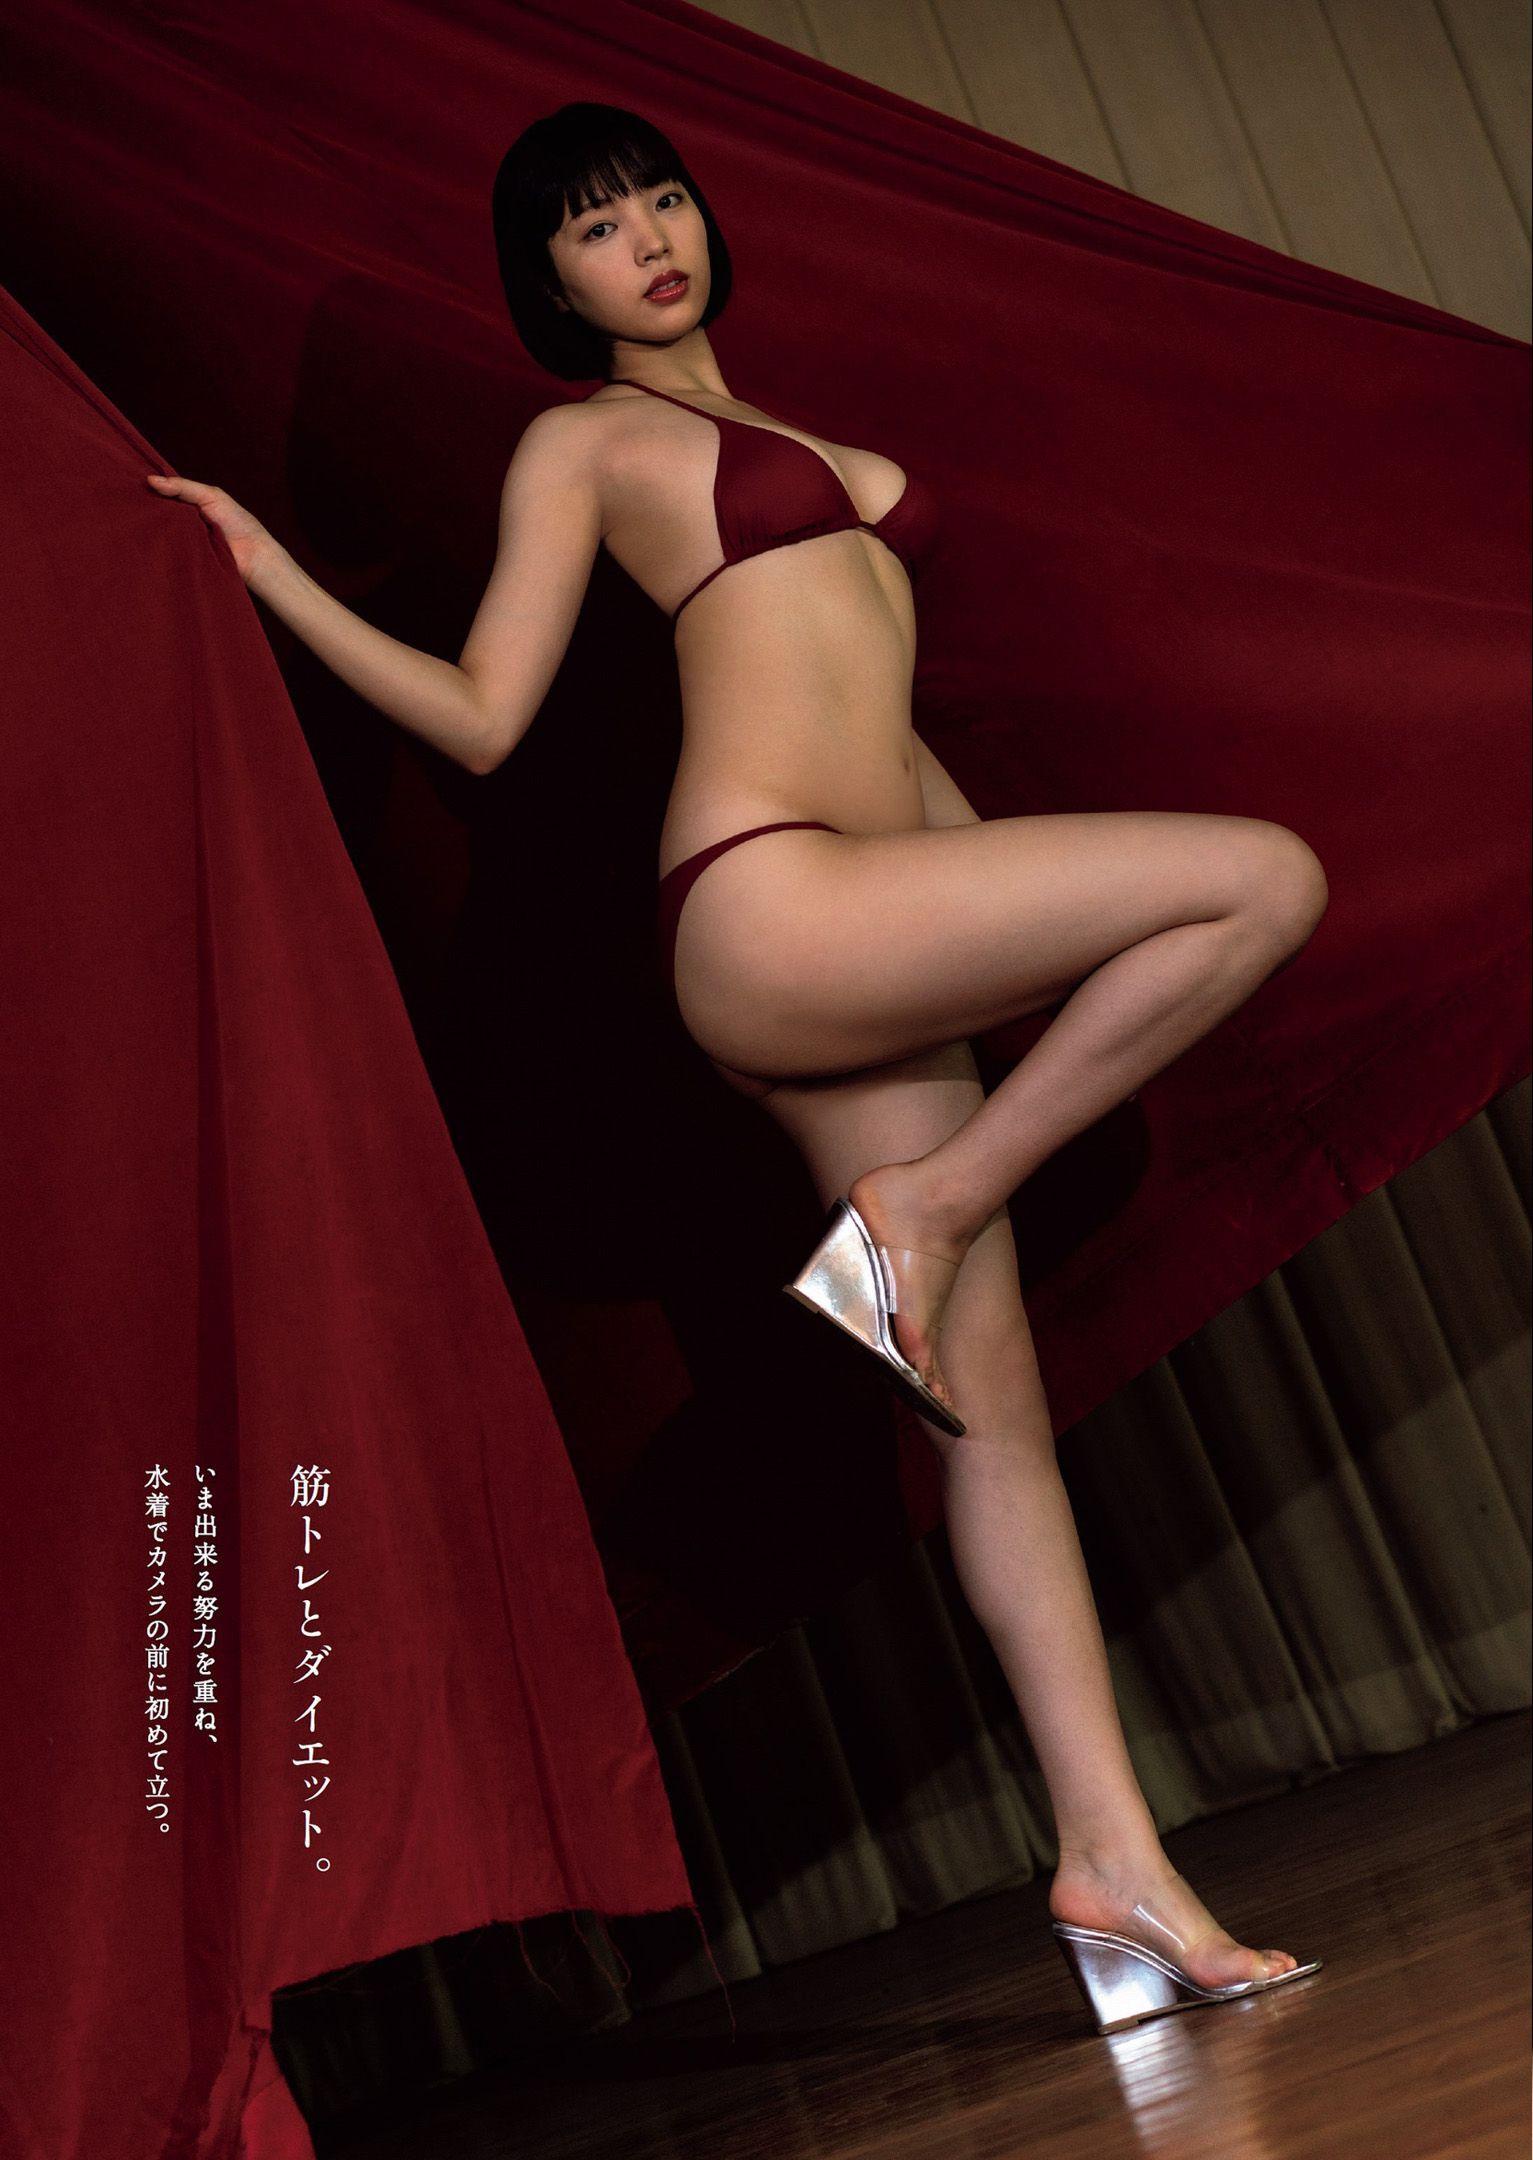 工藤美樱 竹内诗乃 笠本ユキ-Weekly Playboy 2021年第九期  高清套图 第54张